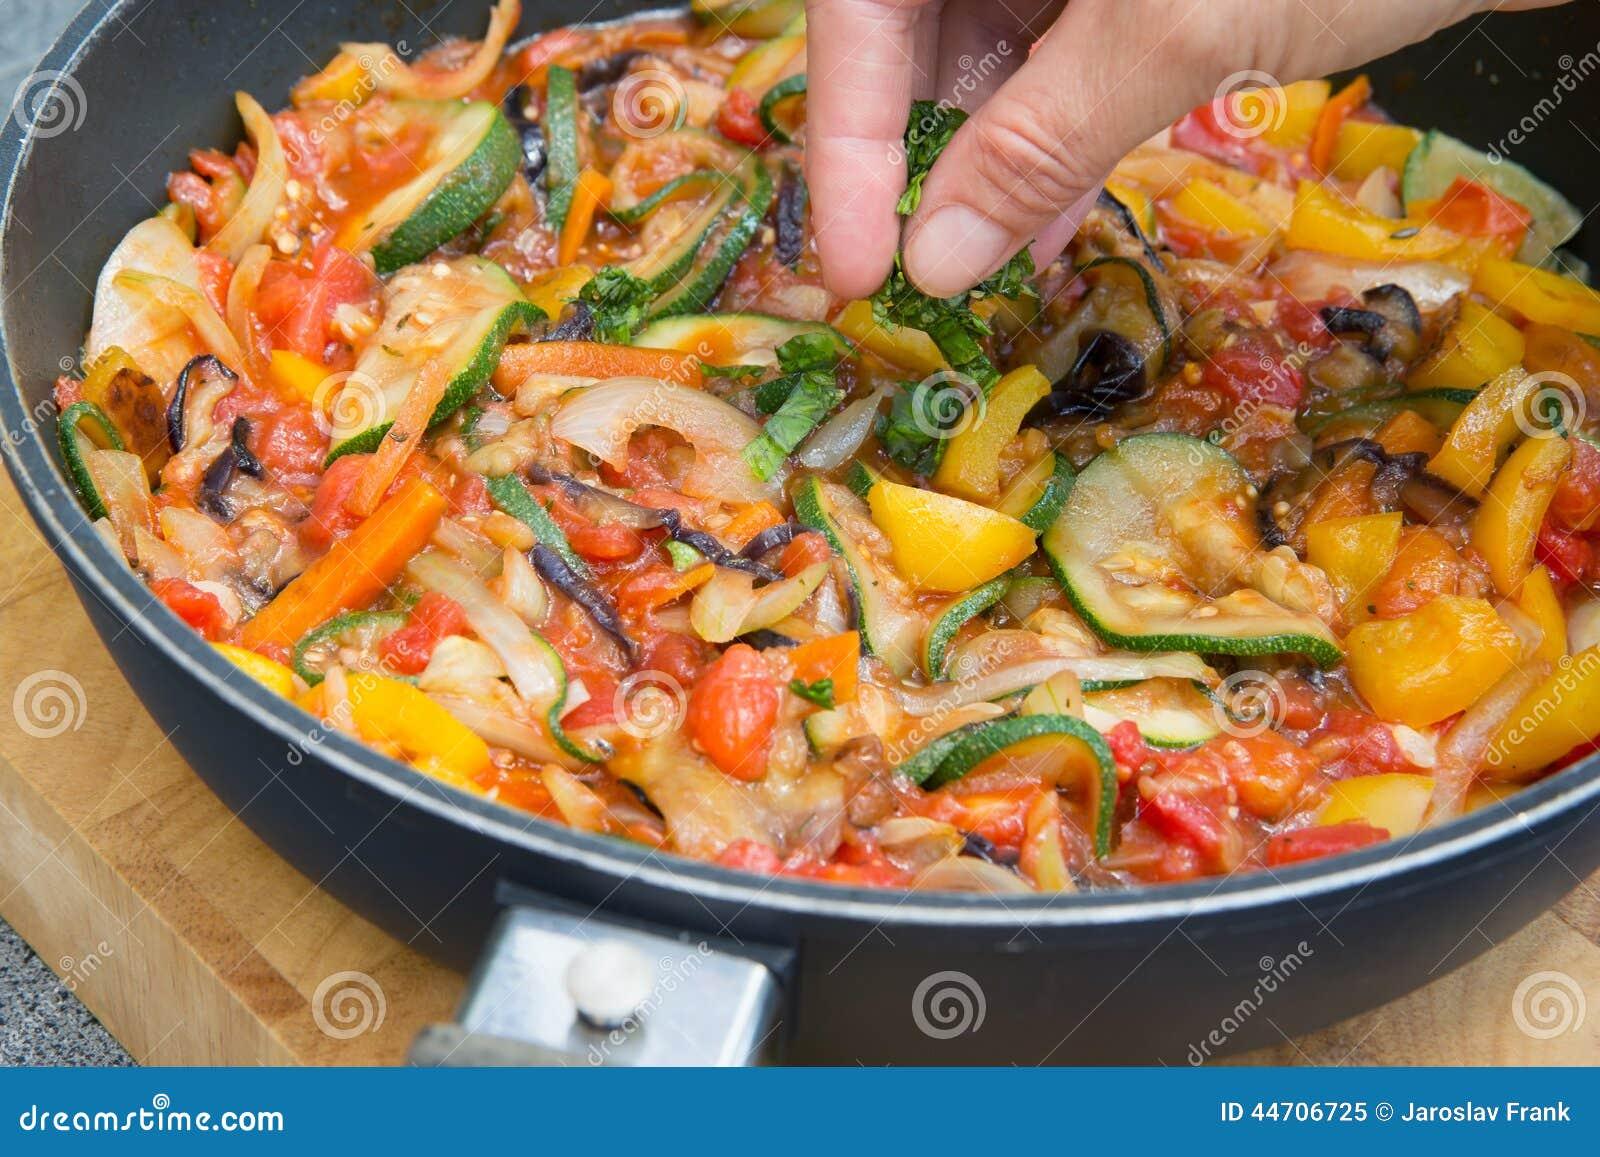 Tomato, Zucchini, and Eggplant Gratin Tomato, Zucchini, and Eggplant Gratin new picture